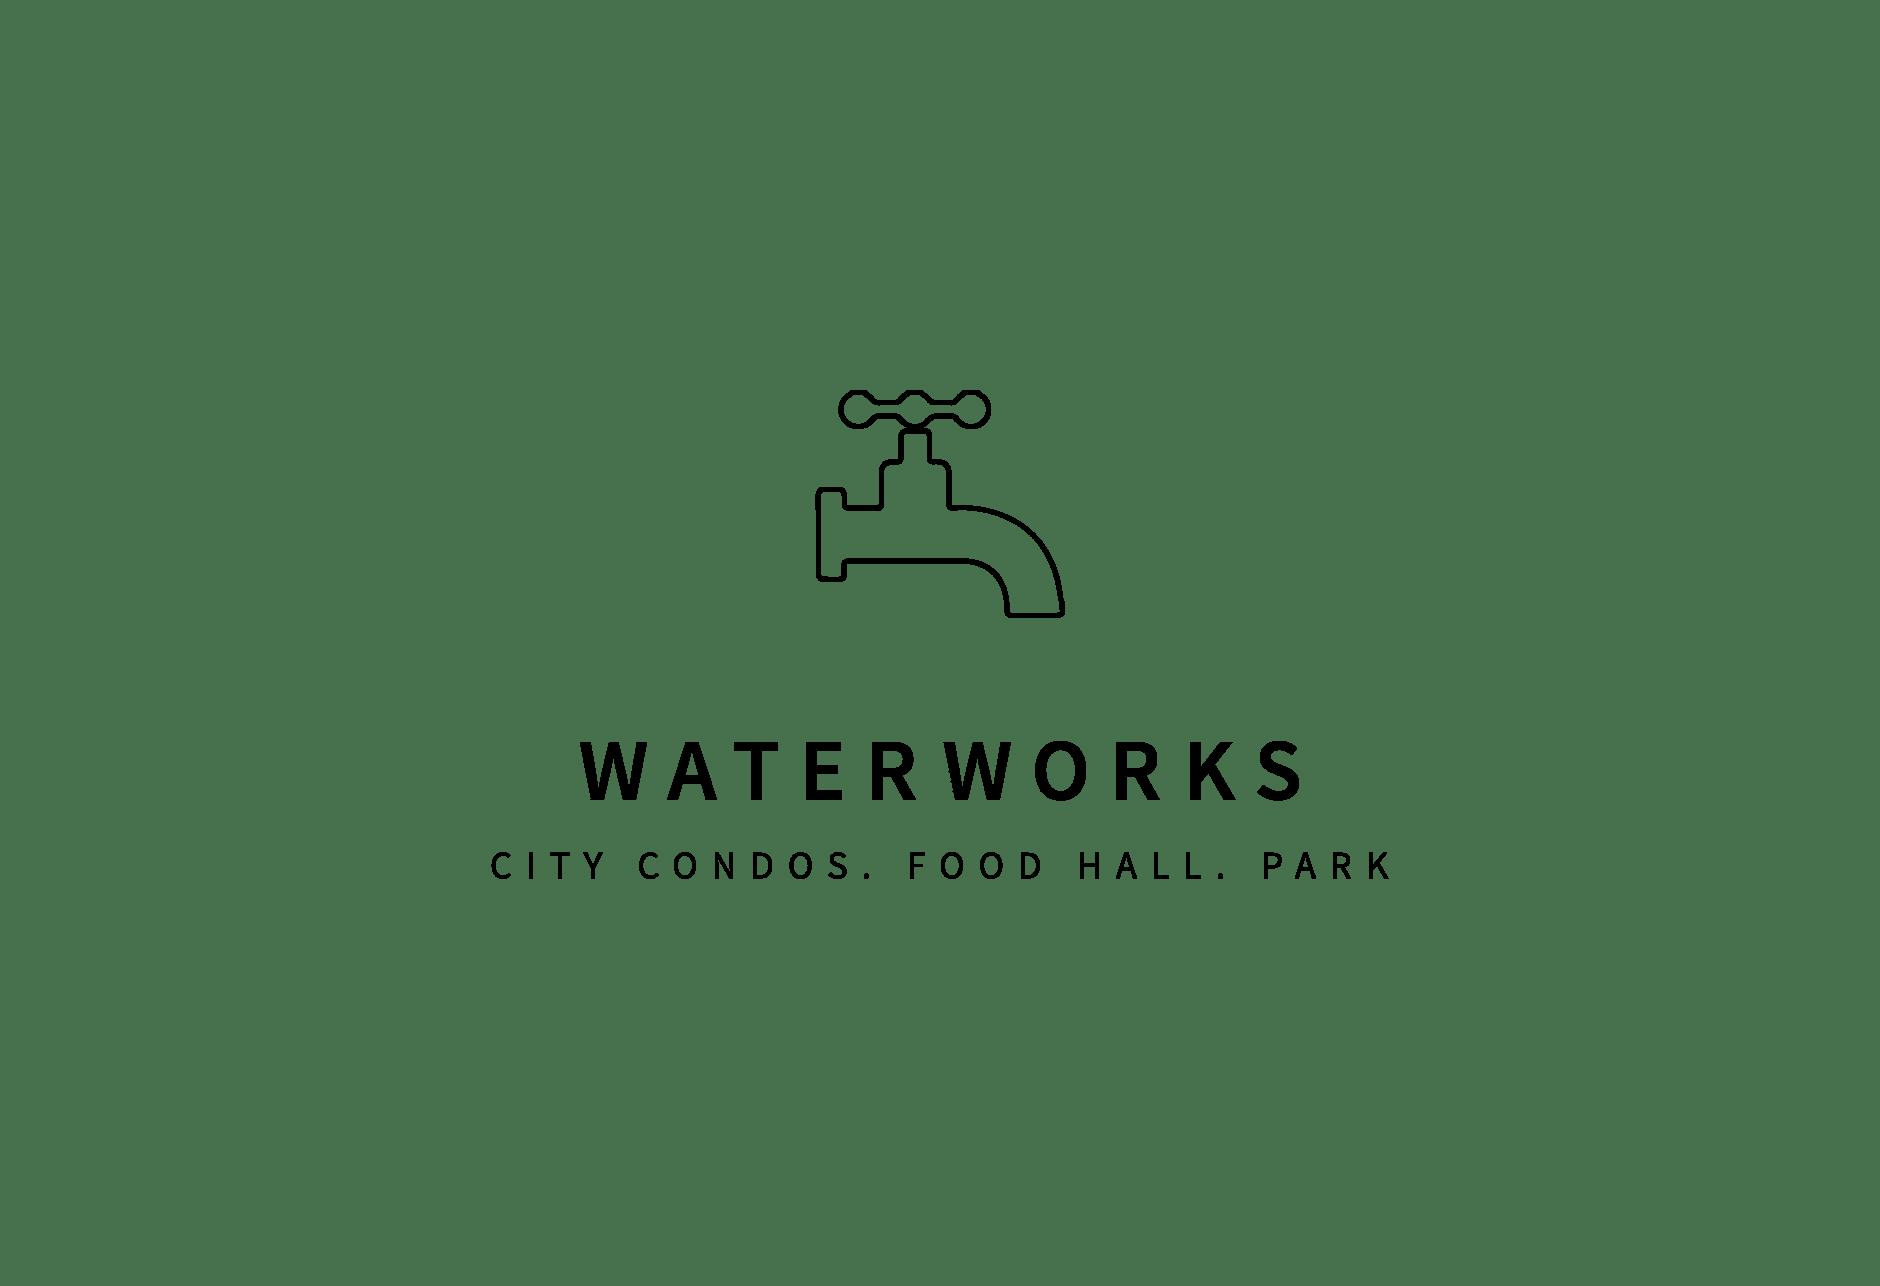 waterworks_logo_1880x1286